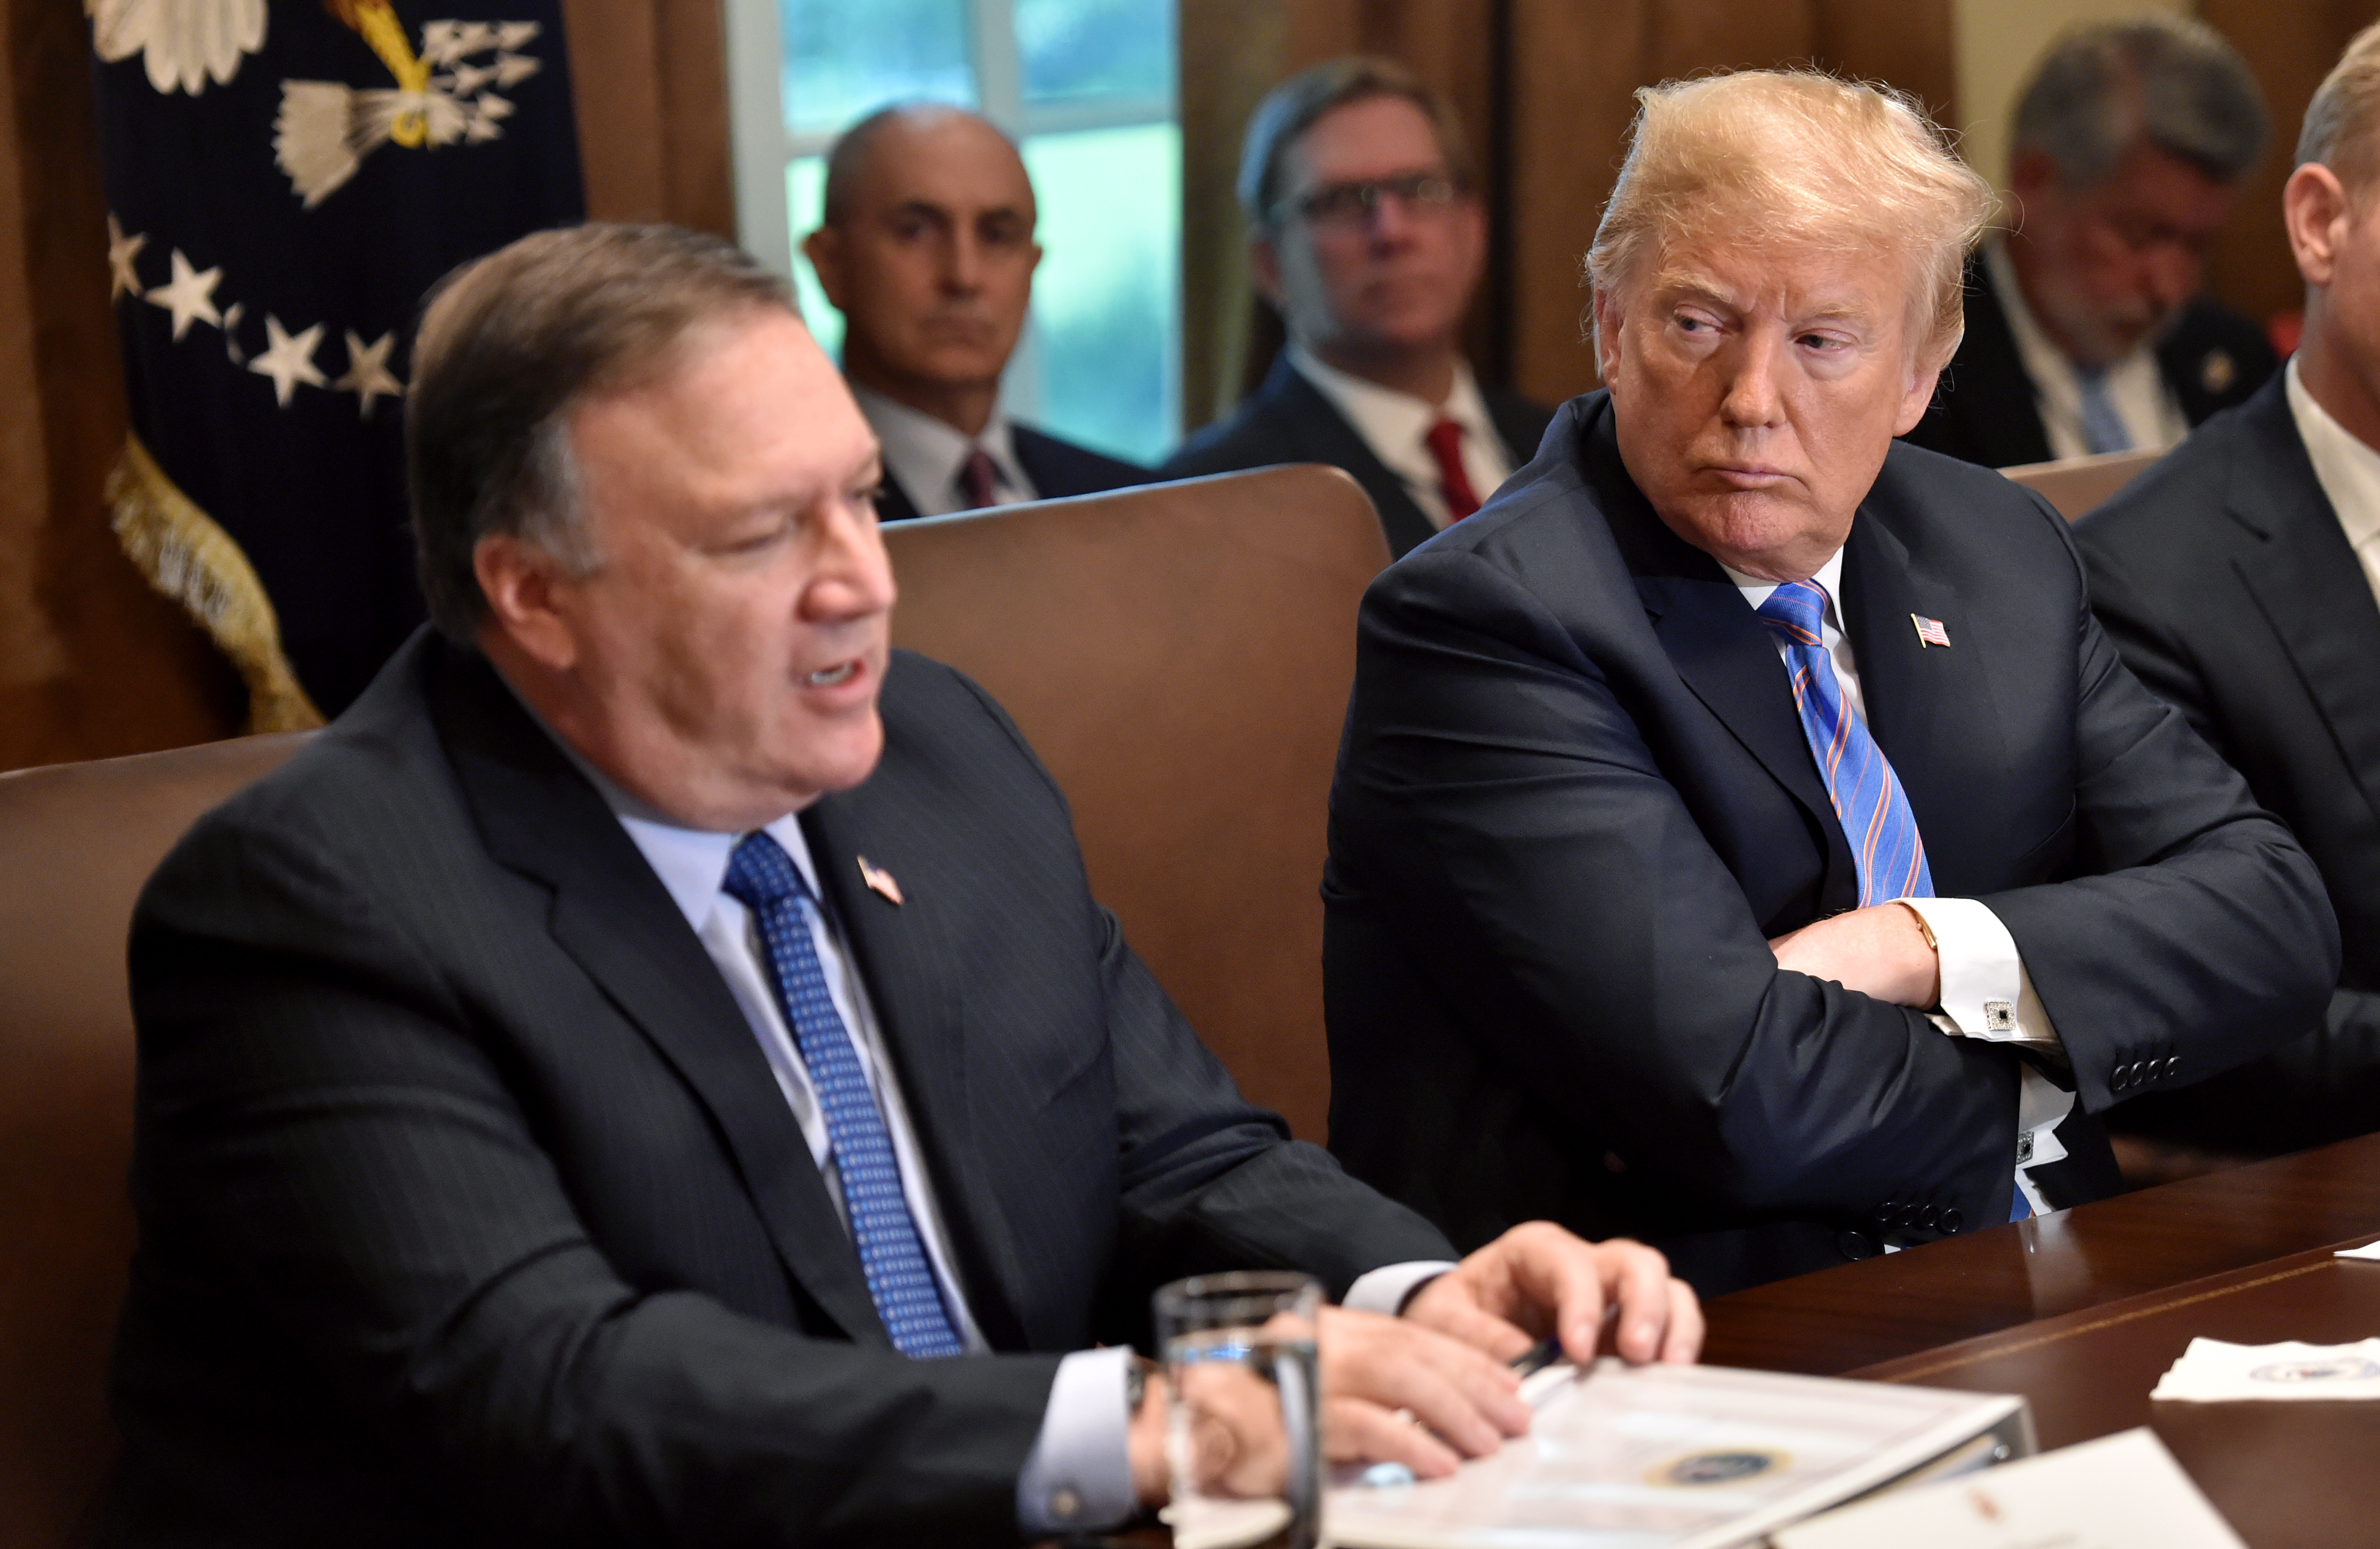 Trump külügyminisztere már várja, hogy elolvadjon a sarkköri jégtakaró, mert azzal nagyszerű kereskedelmi útvonalak nyílhatnak meg